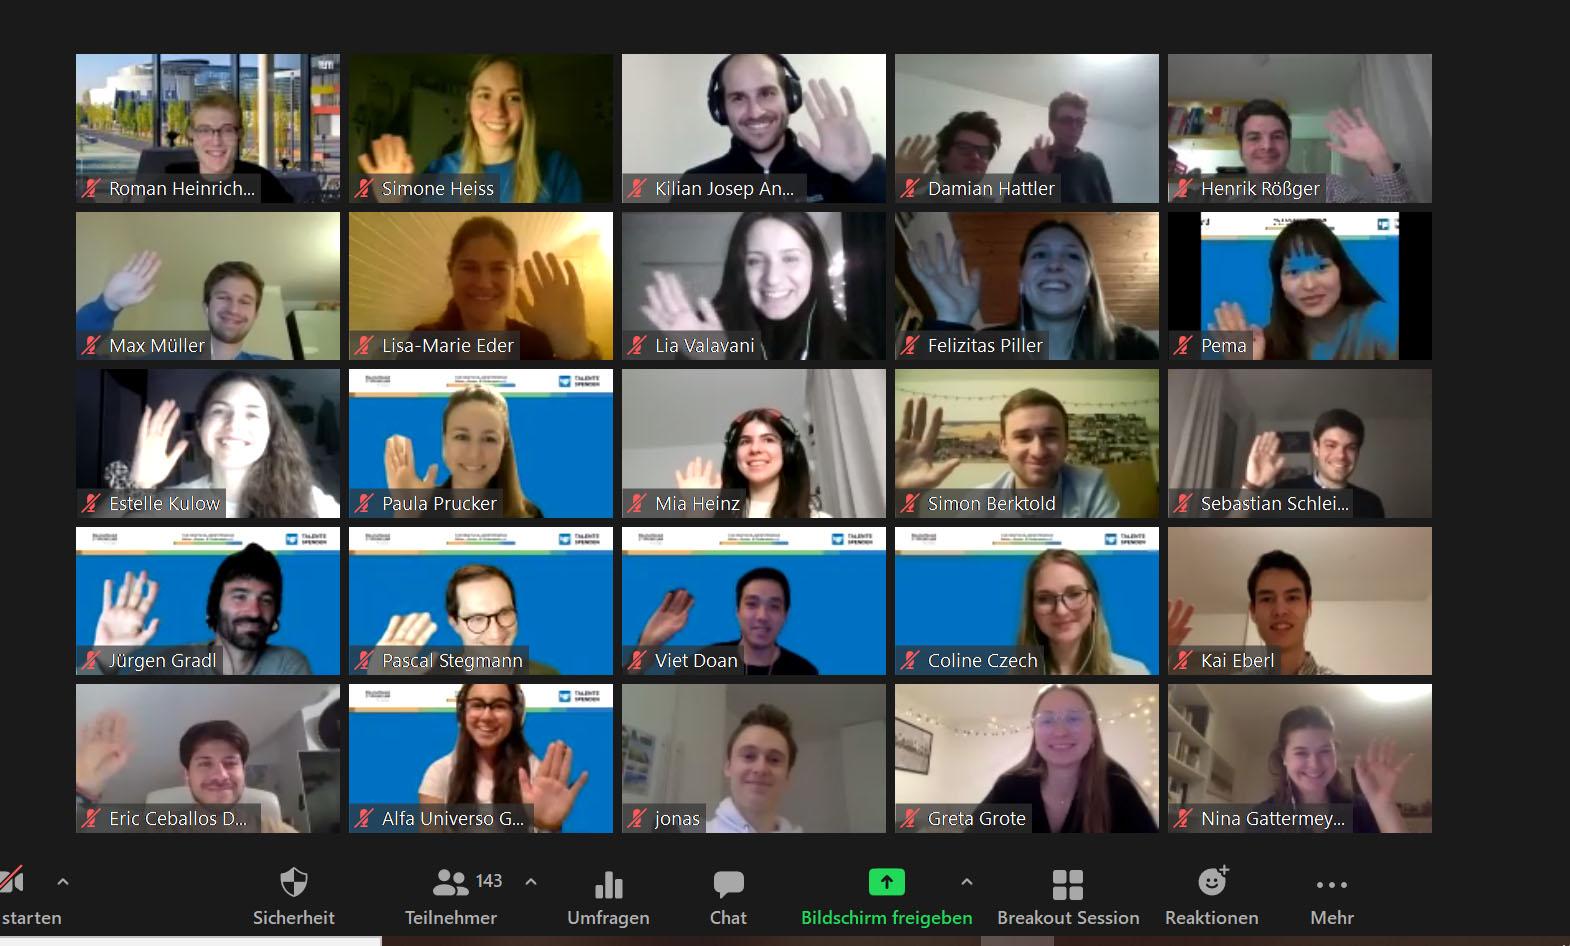 Screenshot mit zugeschalteten Teilnehmern der Auftaktveranstaltung